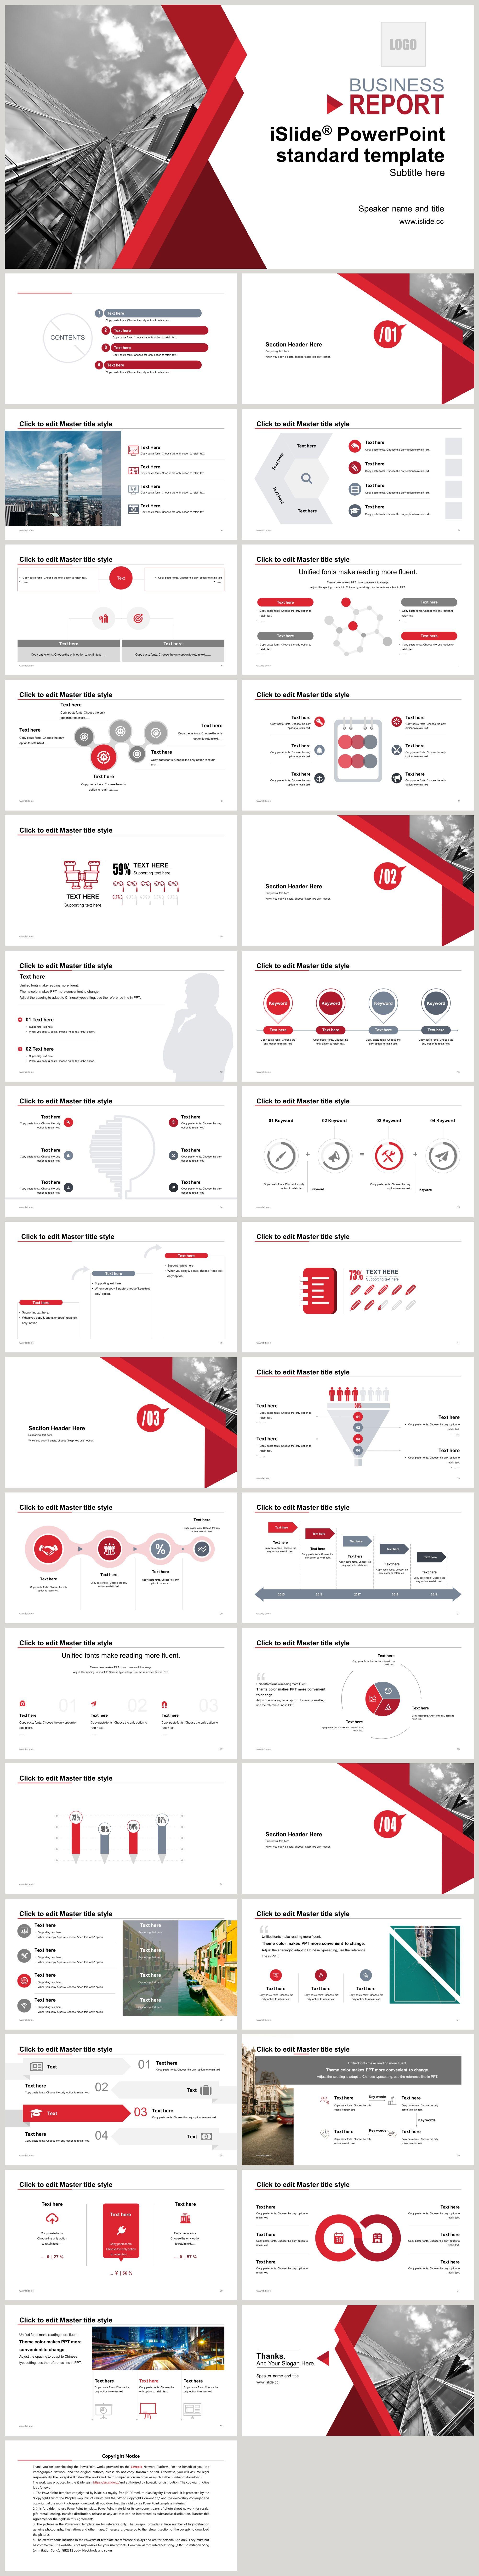 تقرير موجز عن العمل Ppt Powerpoint Background Design Background Design Powerpoint